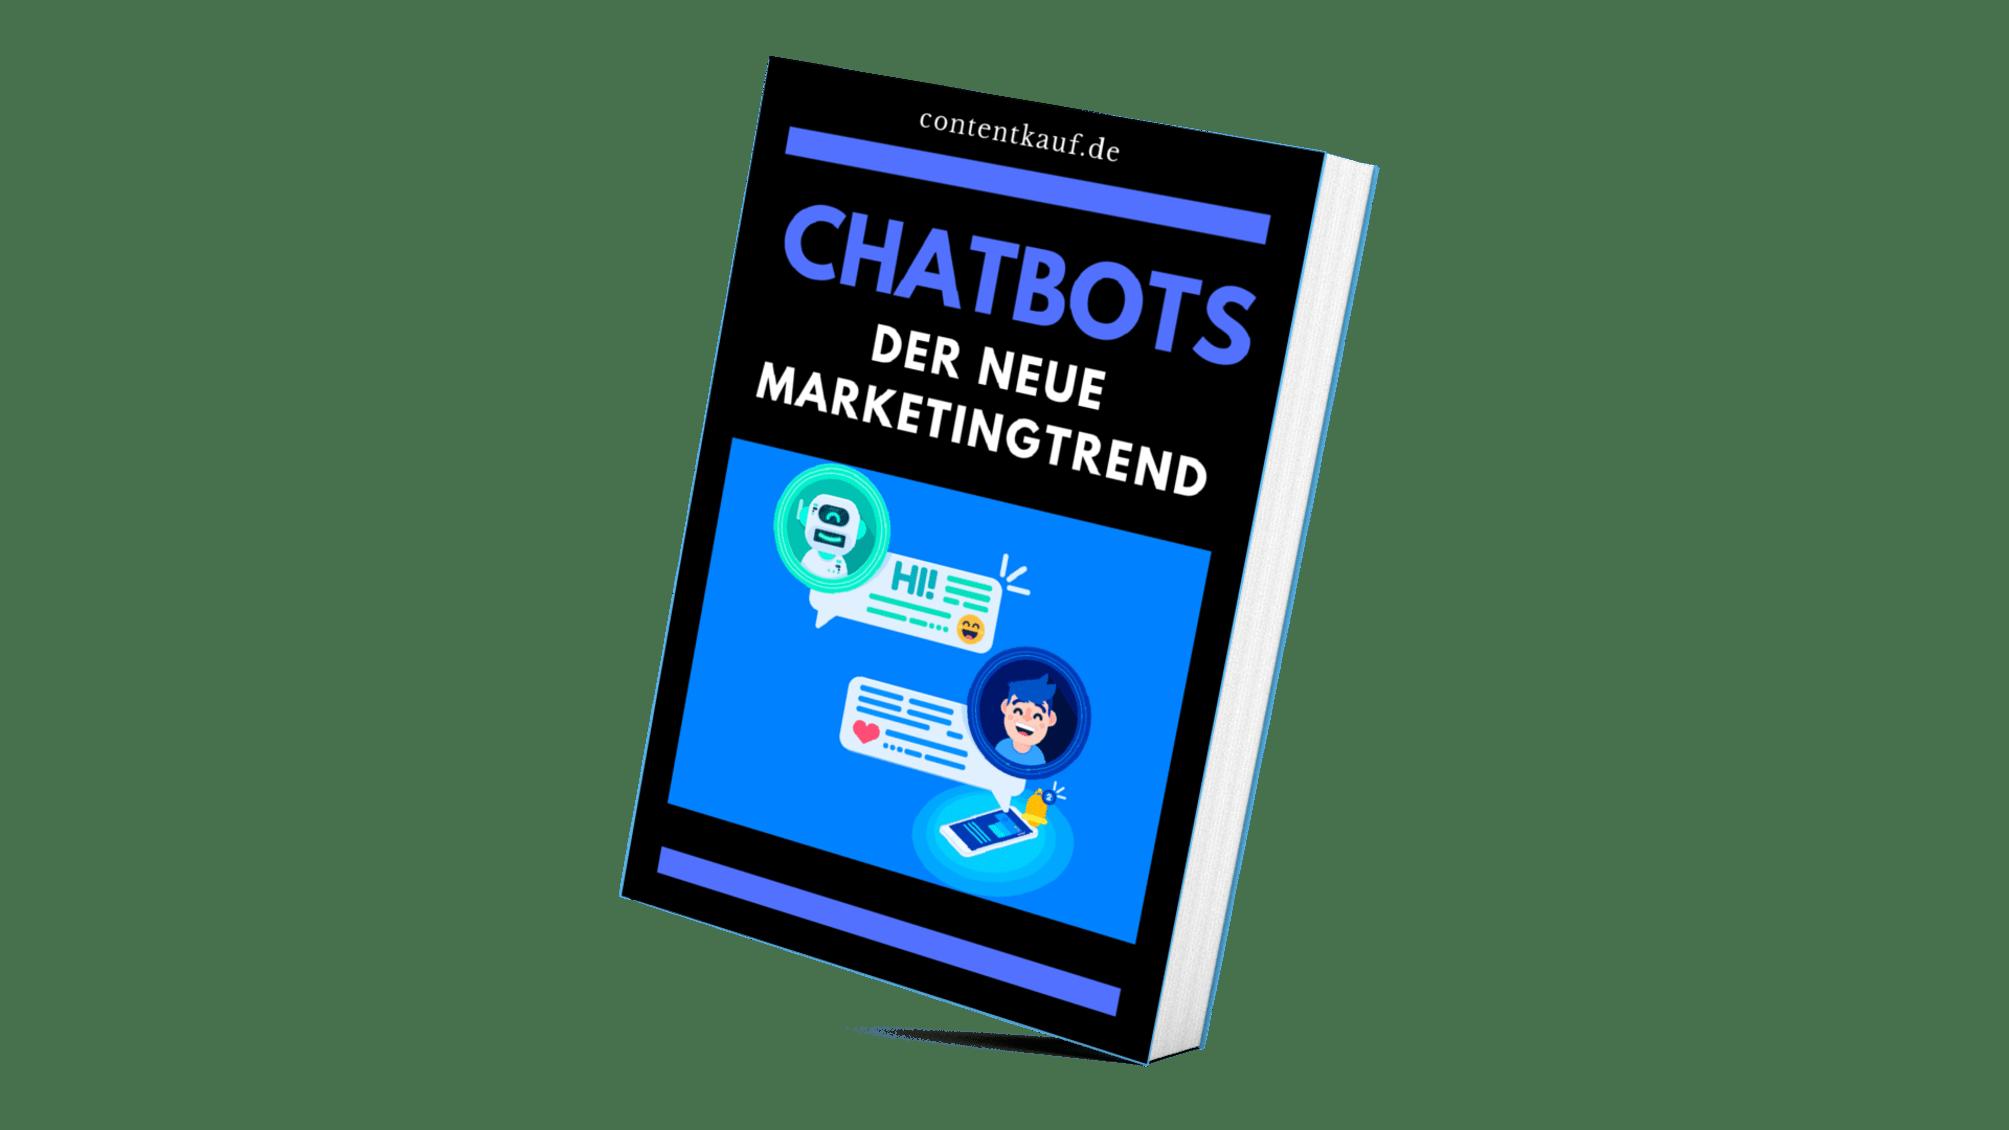 Chatbots – der Marketingtrend